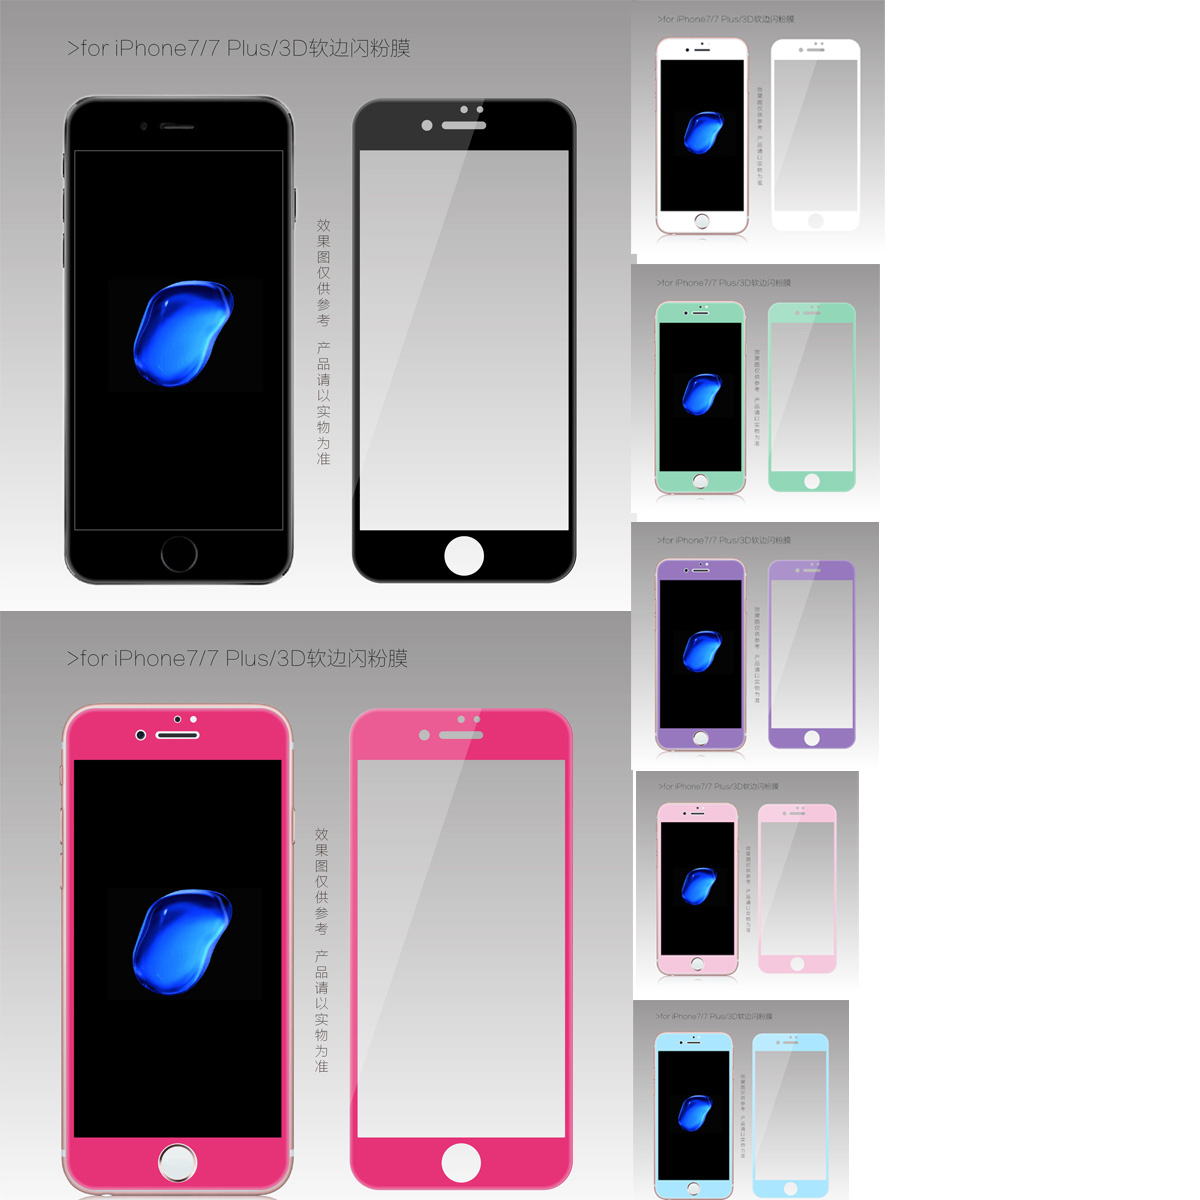 Hot 3d Gradien Biru Merah Muda Hijau Ungu Tempered Kaca Film Anti Glare Full Cover Glass Screen Protector For Iphone 7 Plus 55 Inch Hitam Glitter Bubuk Warna Solid Pink Kasus Pelindung Untuk